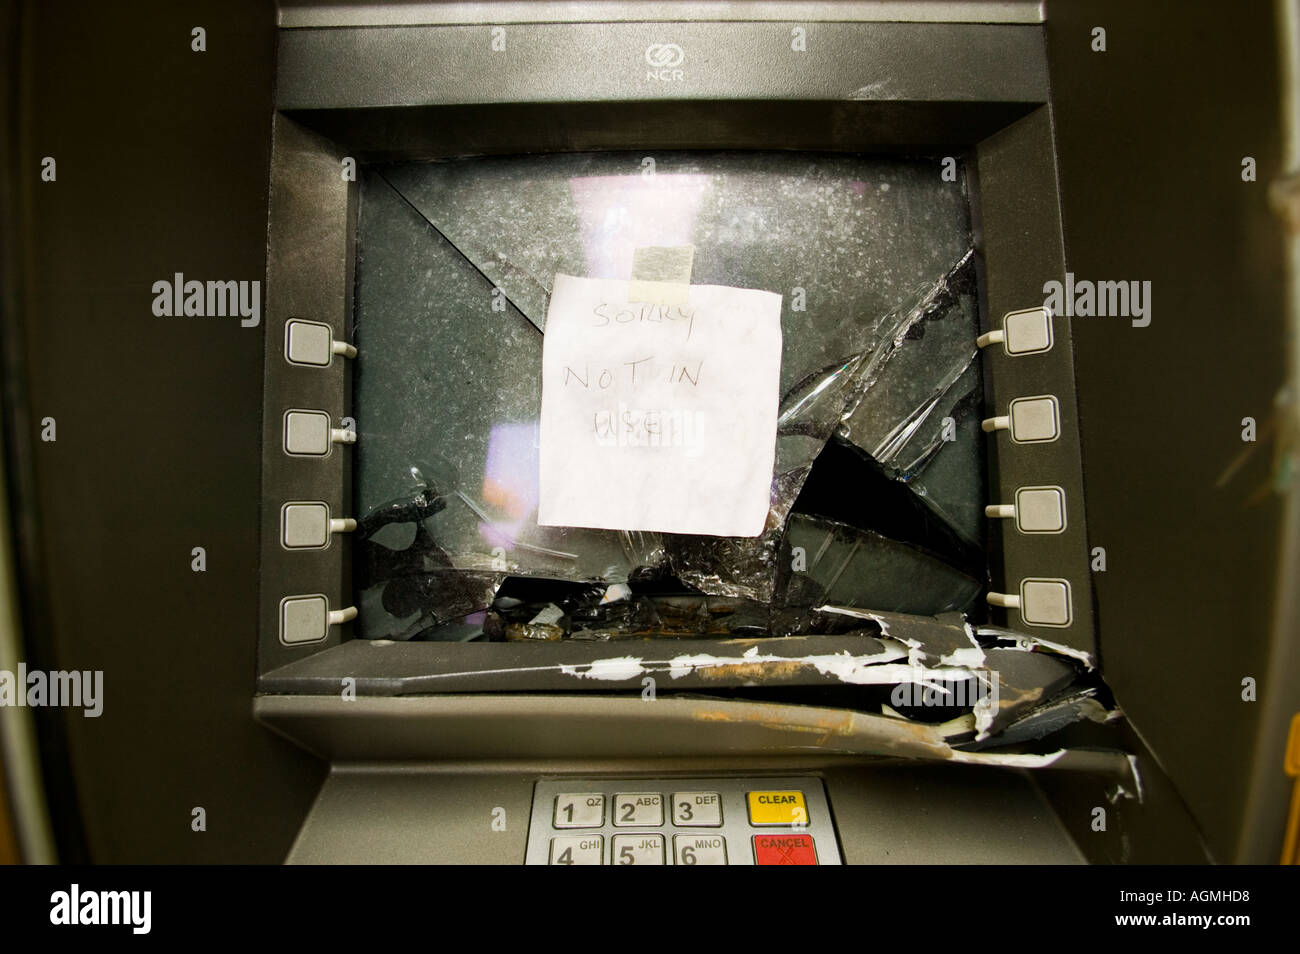 sign in machine